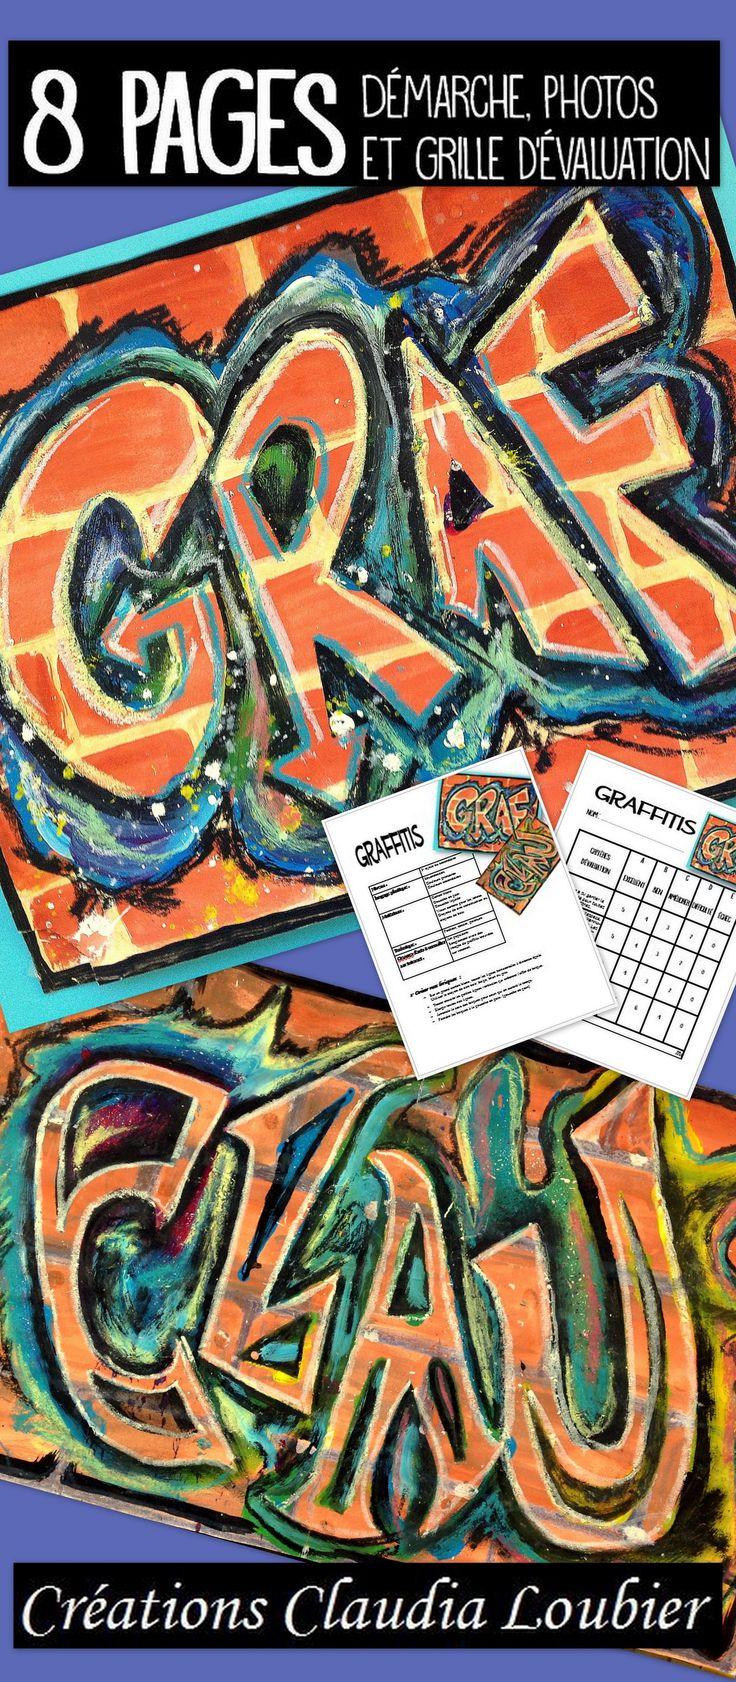 Activité d'arts plastiques pour le 3e cycle. (Peut aussi très bien se faire au secondaire) Créer un graffitis à l'aide de plusieurs médiums et techniques. Démarche sur 2 pages en PDF, exemple de police de caractère à utiliser et l'image de mon graffitis sur 8,5 x 11. Bonne création ! Grille d'évaluation incluse.